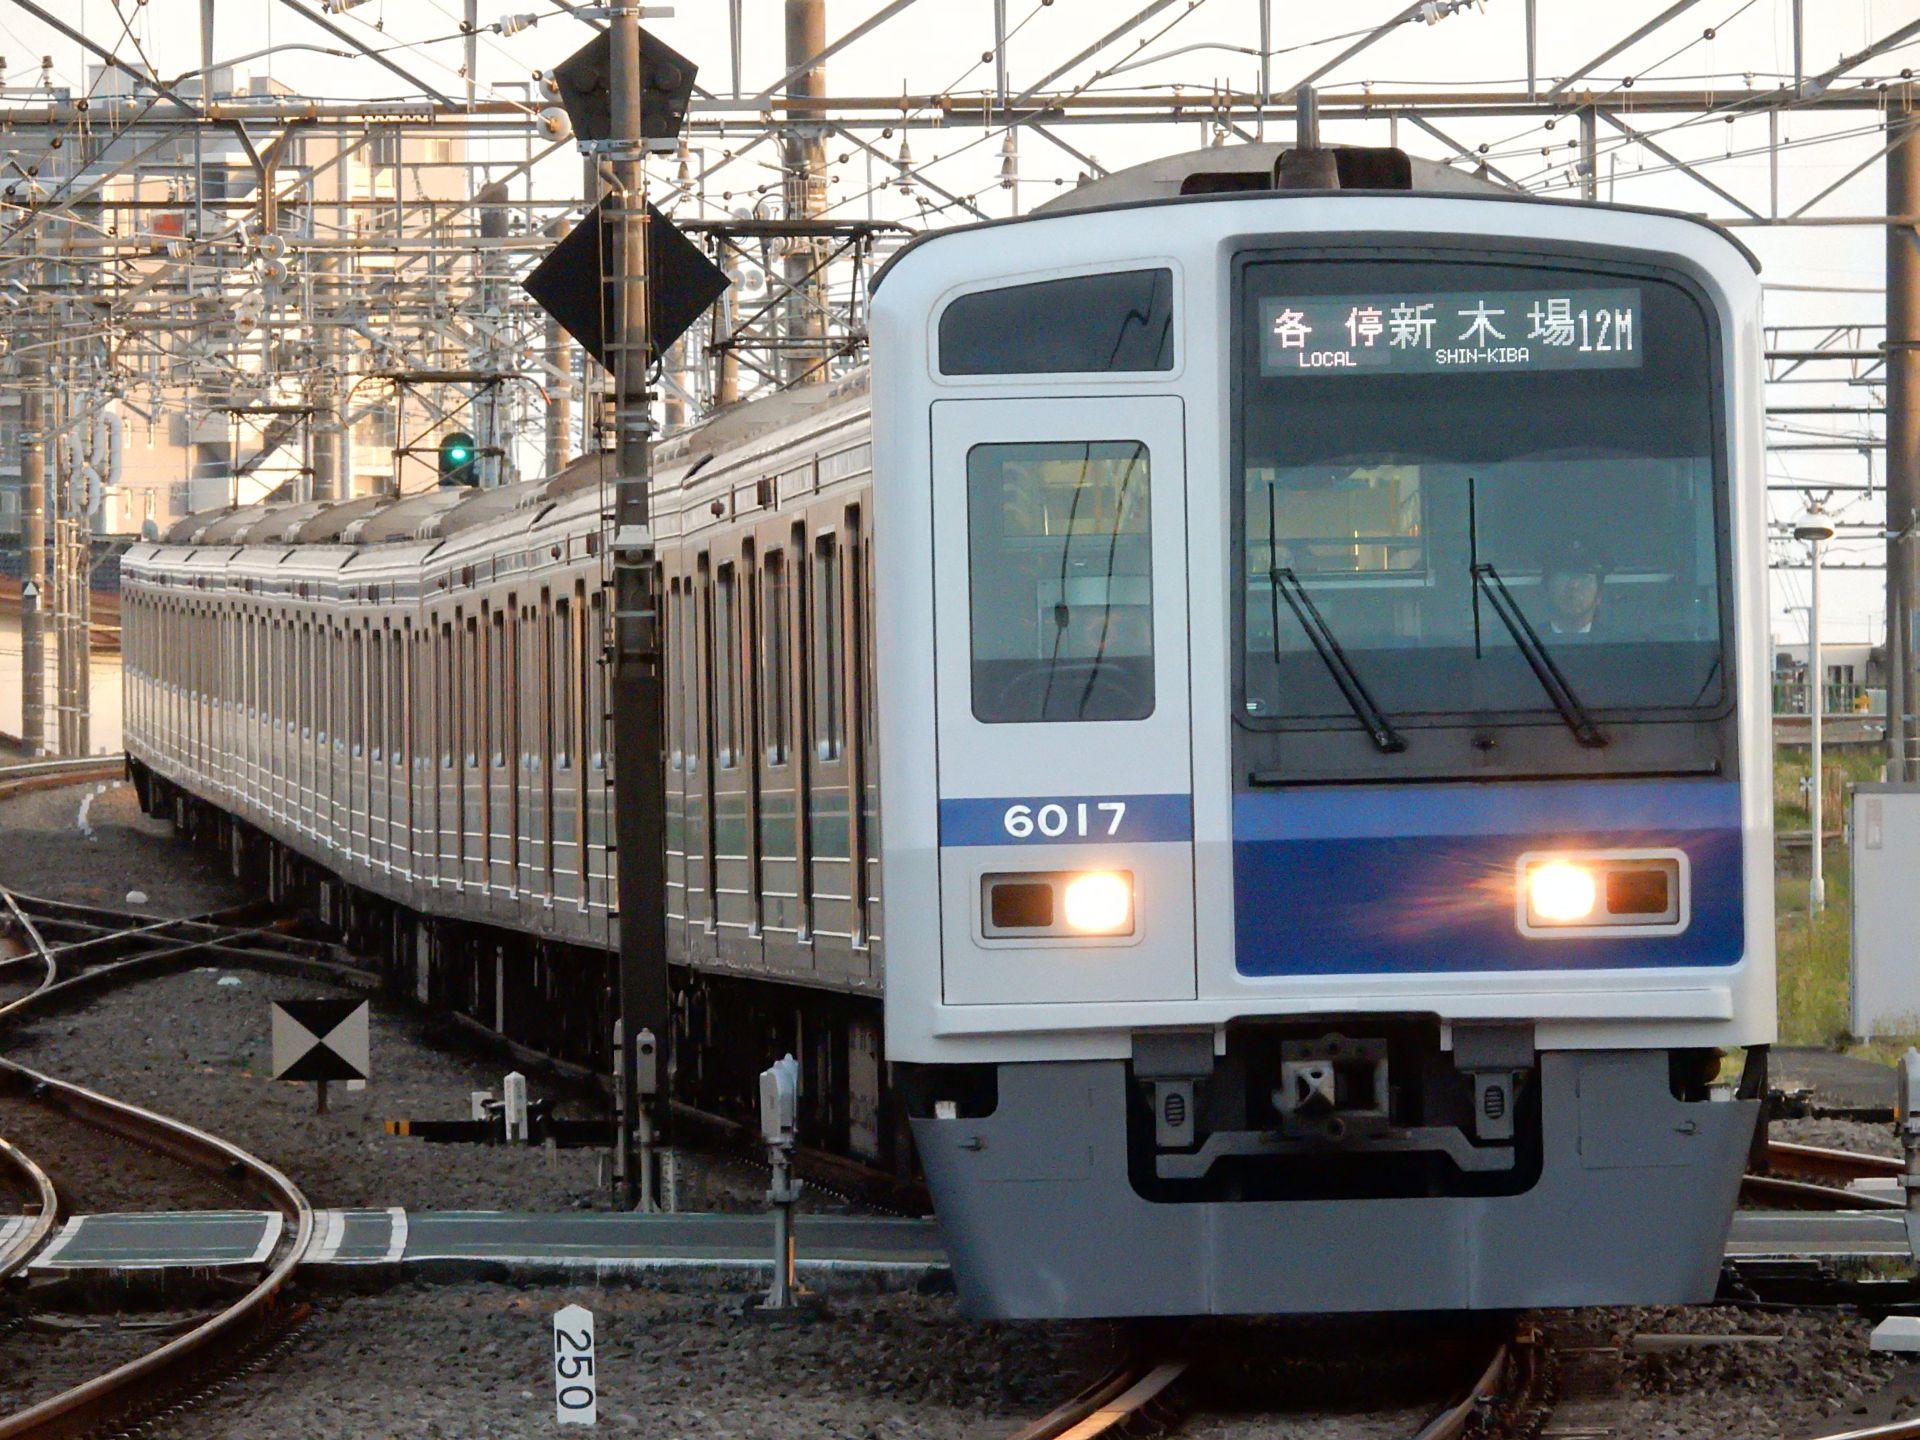 DSCN7833 - コピー